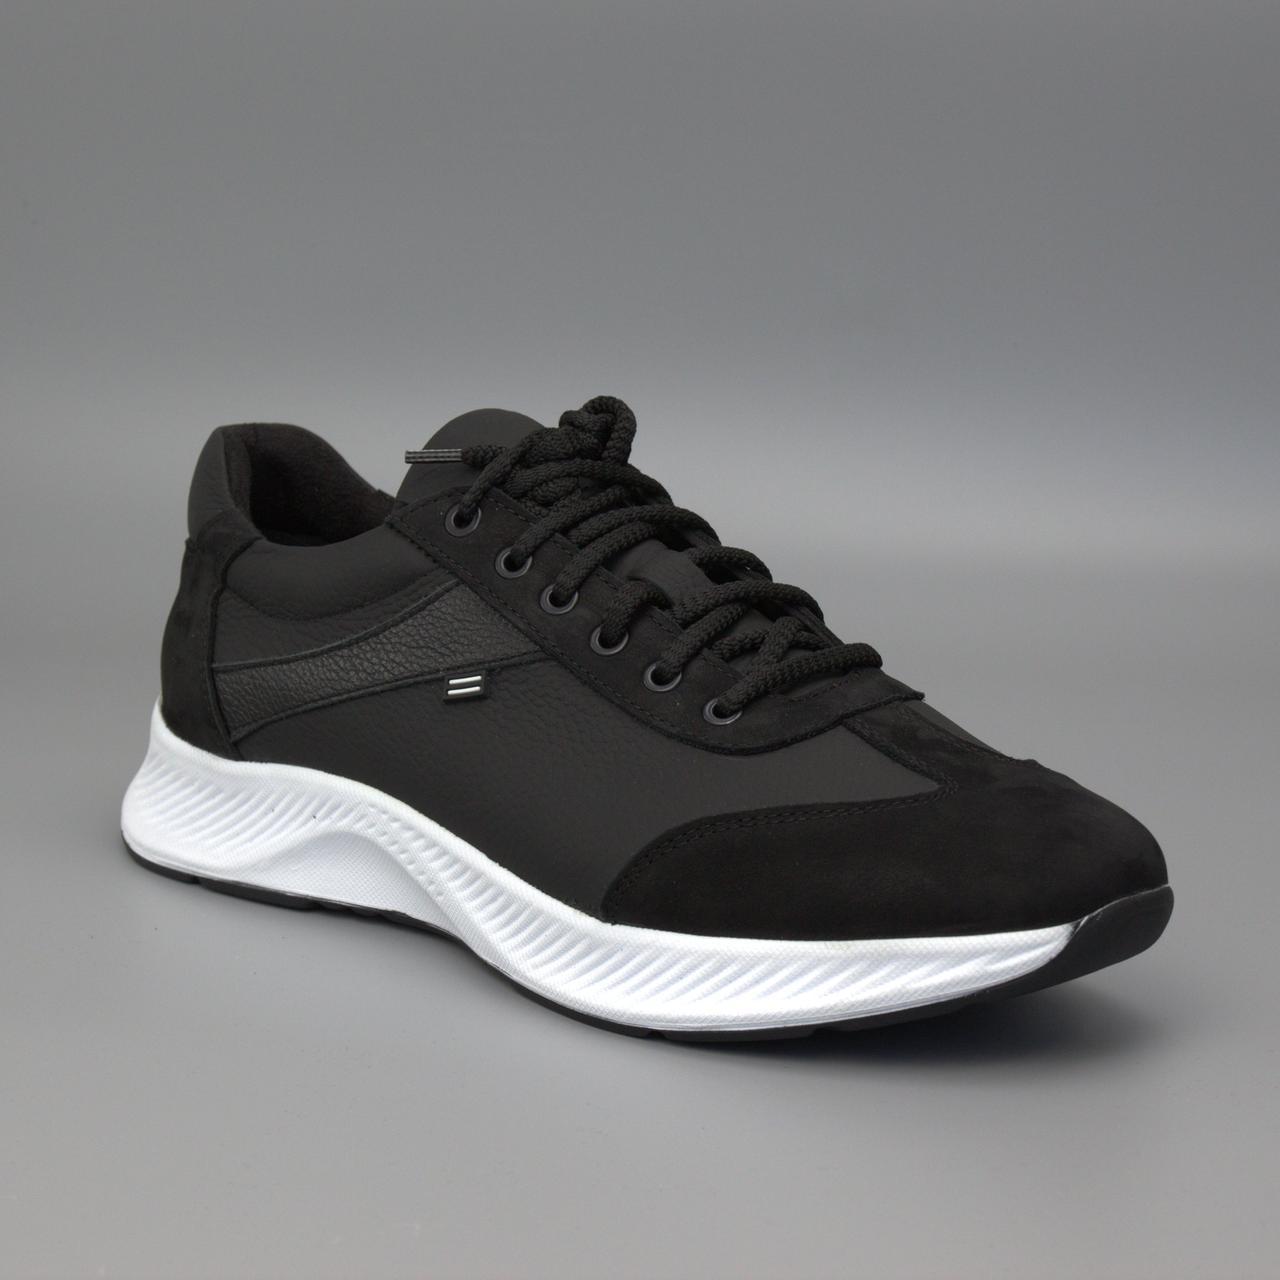 Кроссовки мужские кожаная обувь больших размеров черные матовые Rosso Avangard DolGa Run Monza Black Mate BS